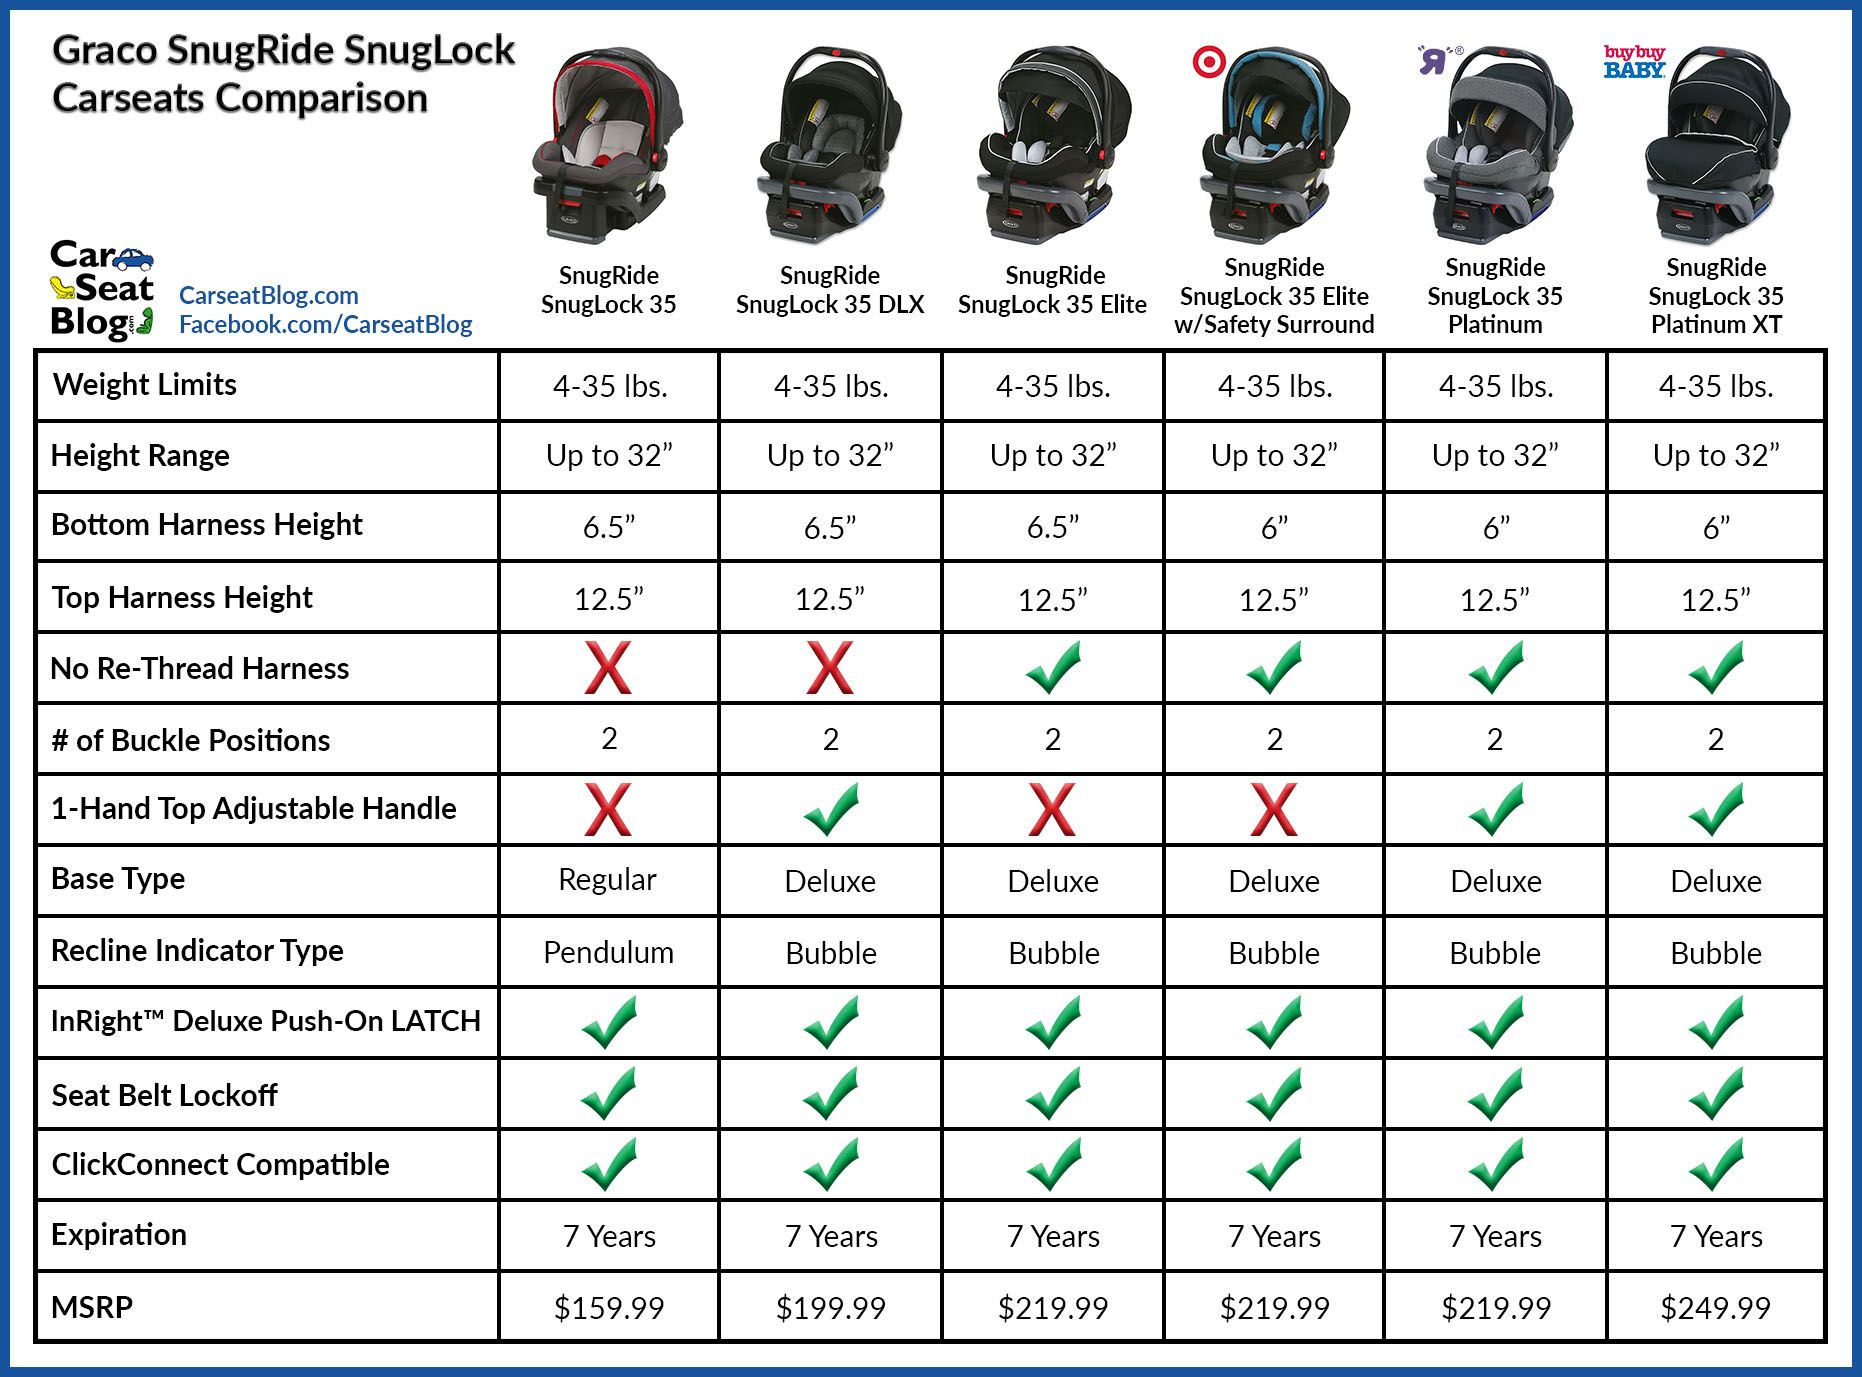 Graco Snugride Snuglock Comparison Graco Carseat Comparison Charts